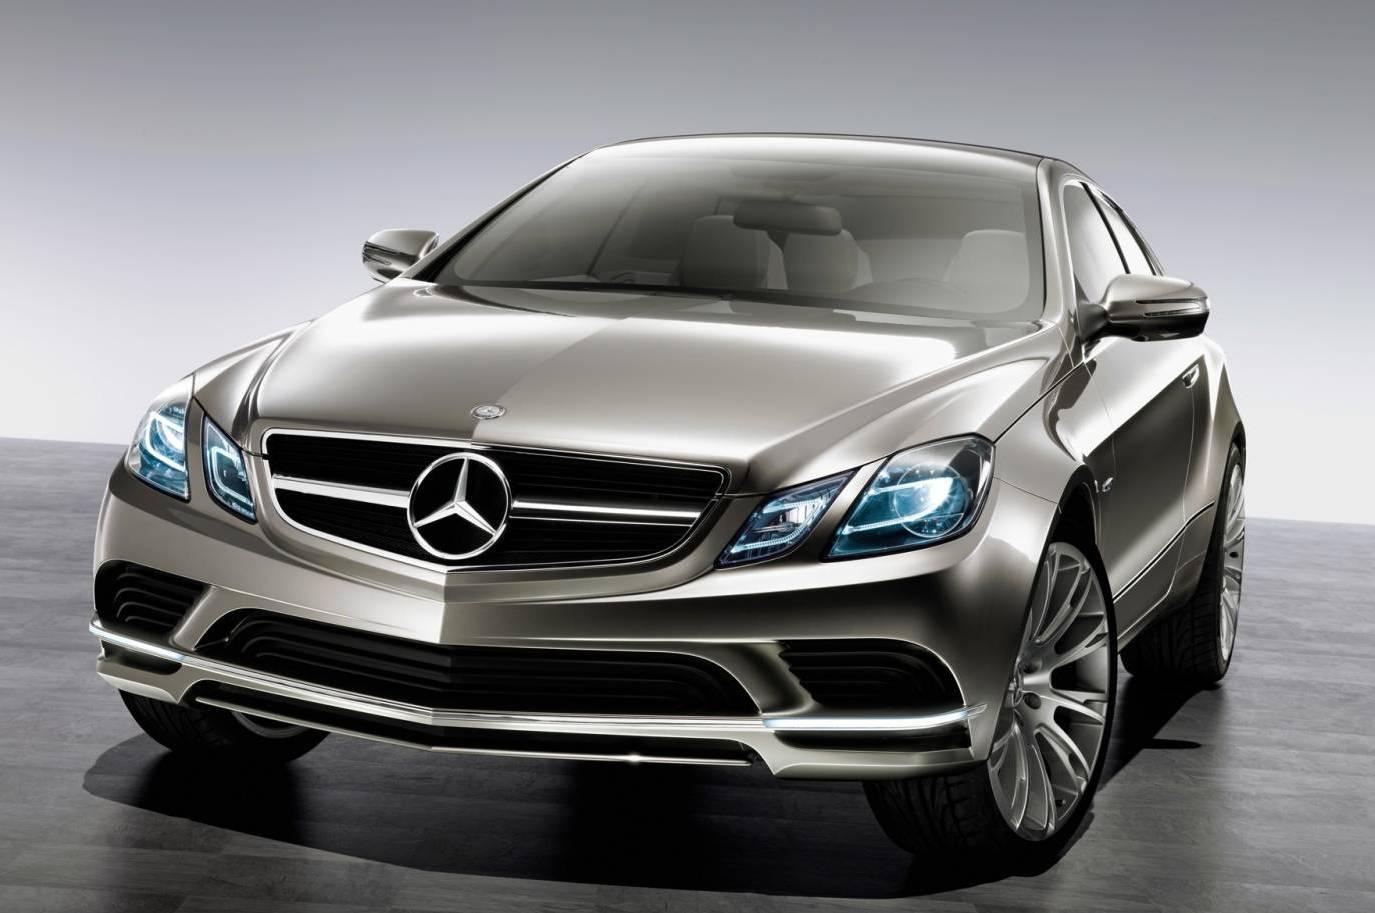 Выбор подержанного Mercedes-Benz: что учесть?